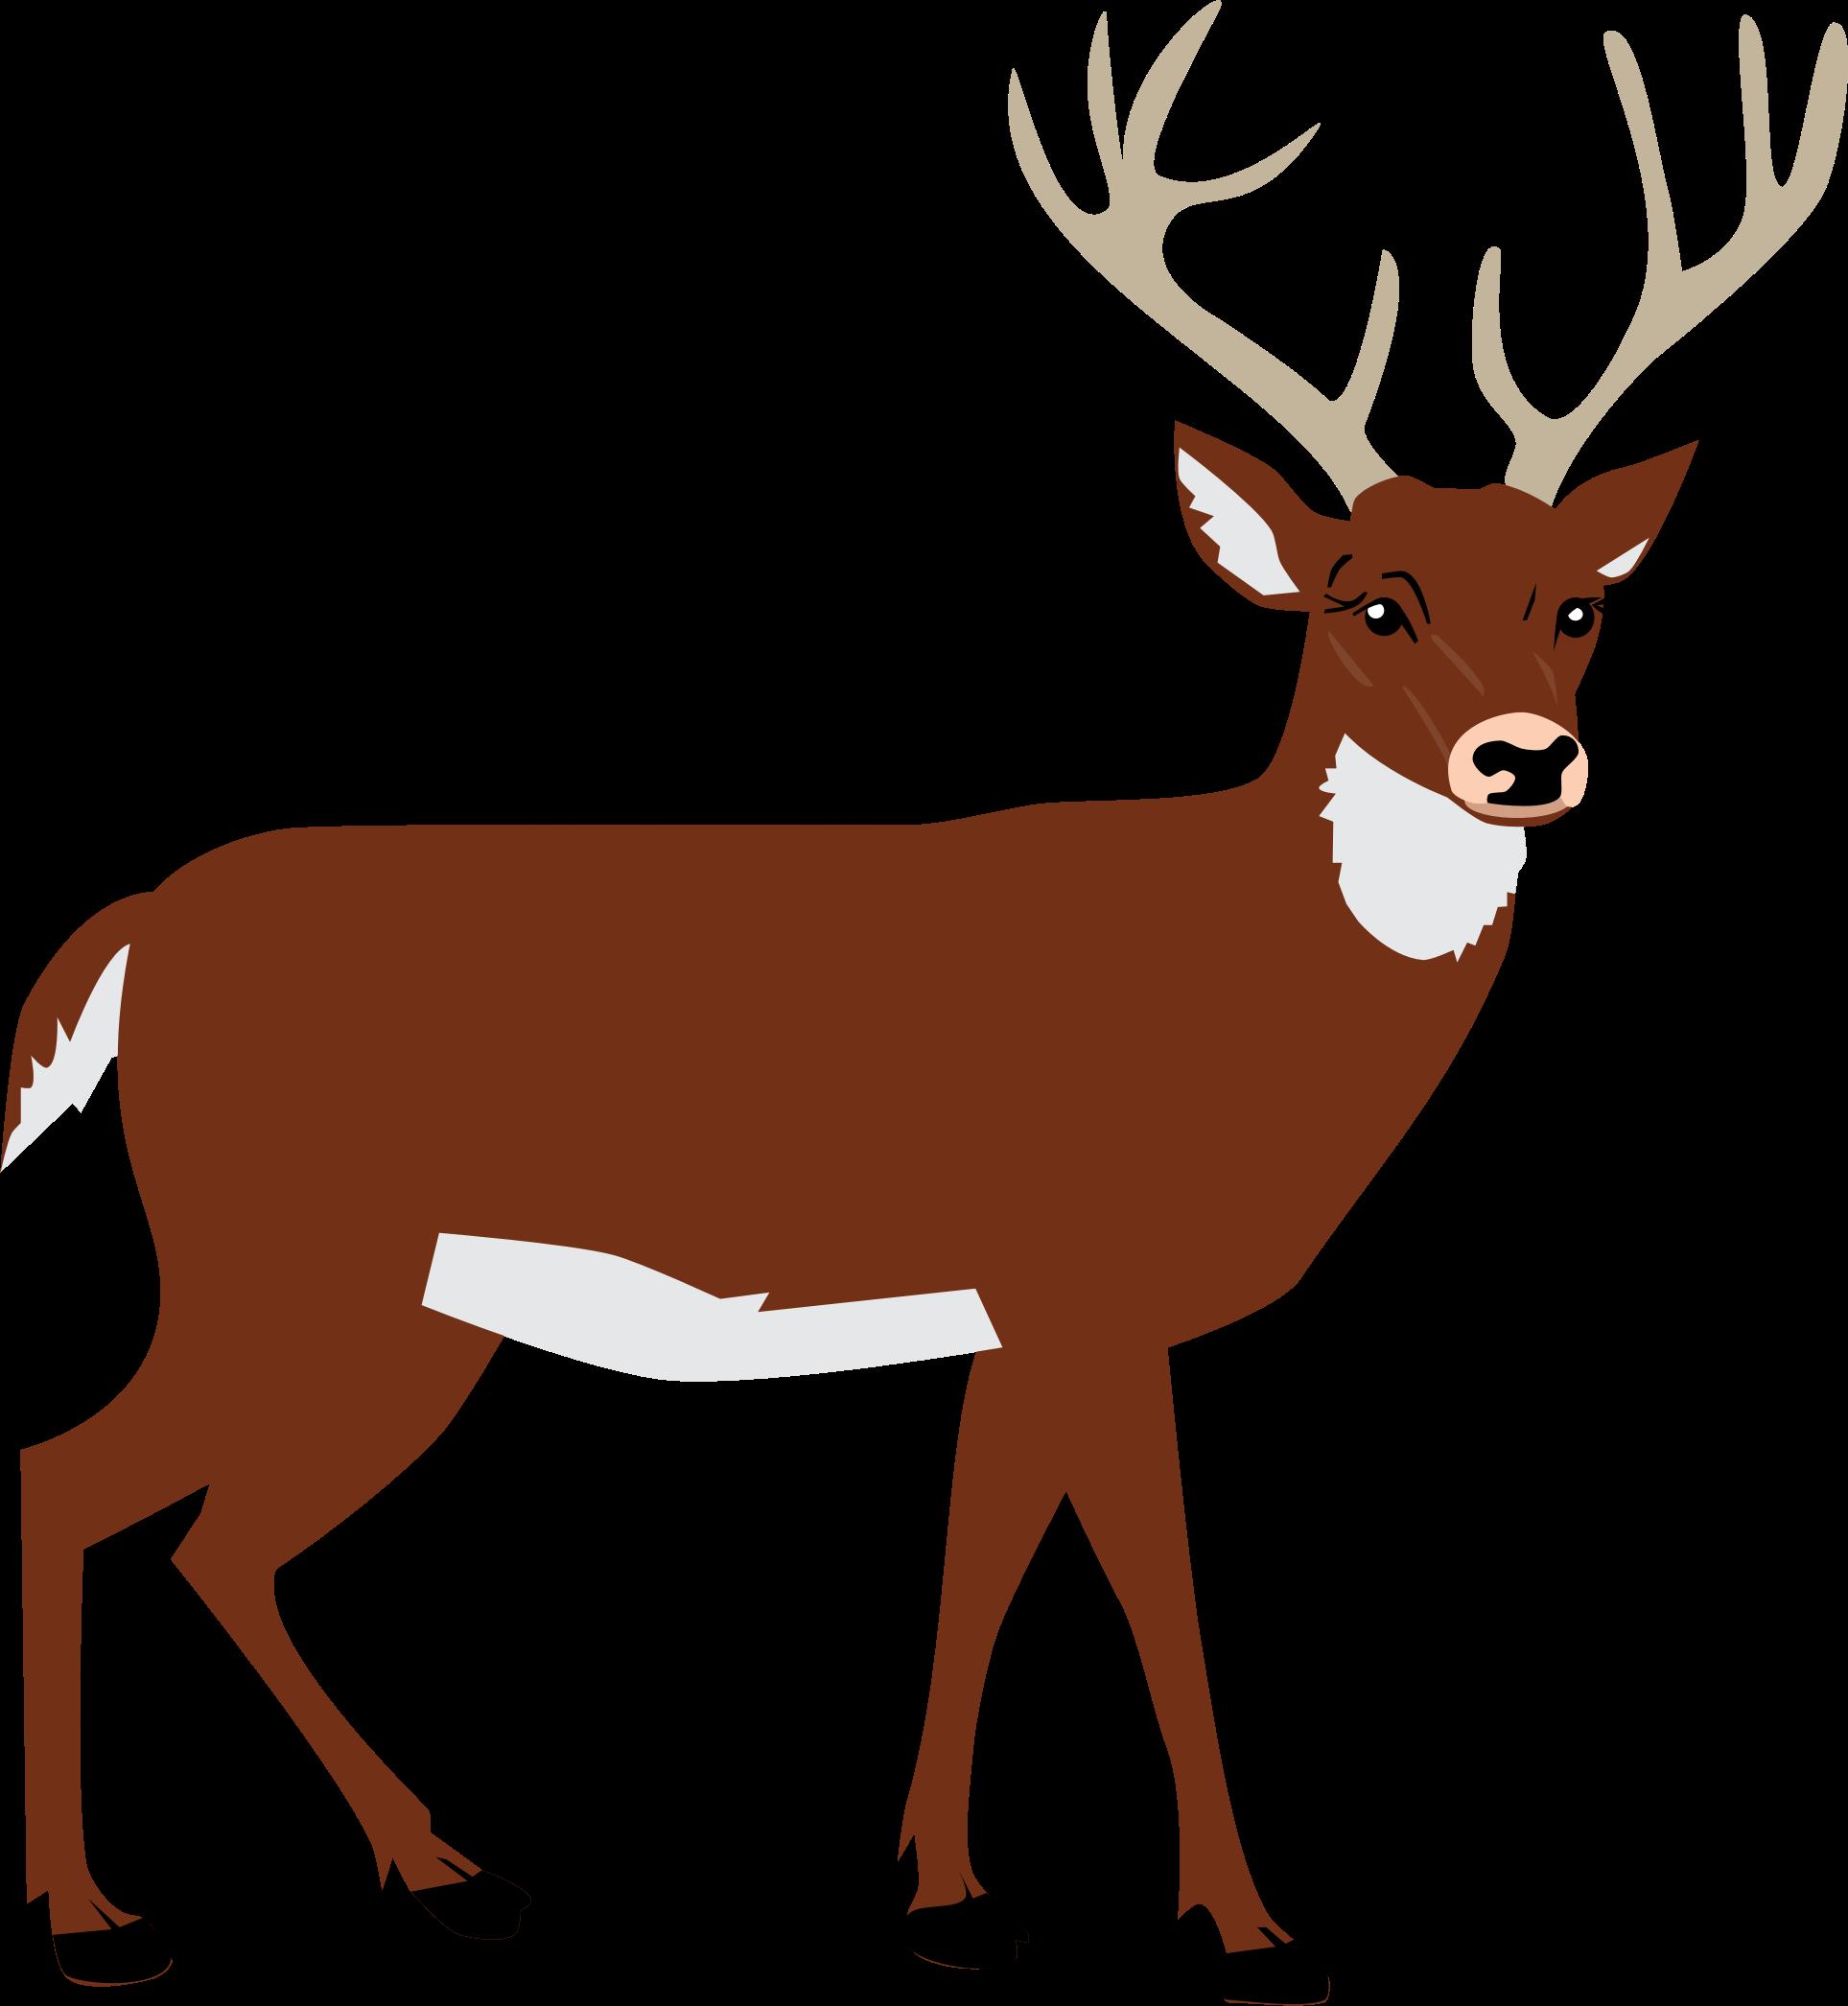 Male deer big image. Clipart png reindeer